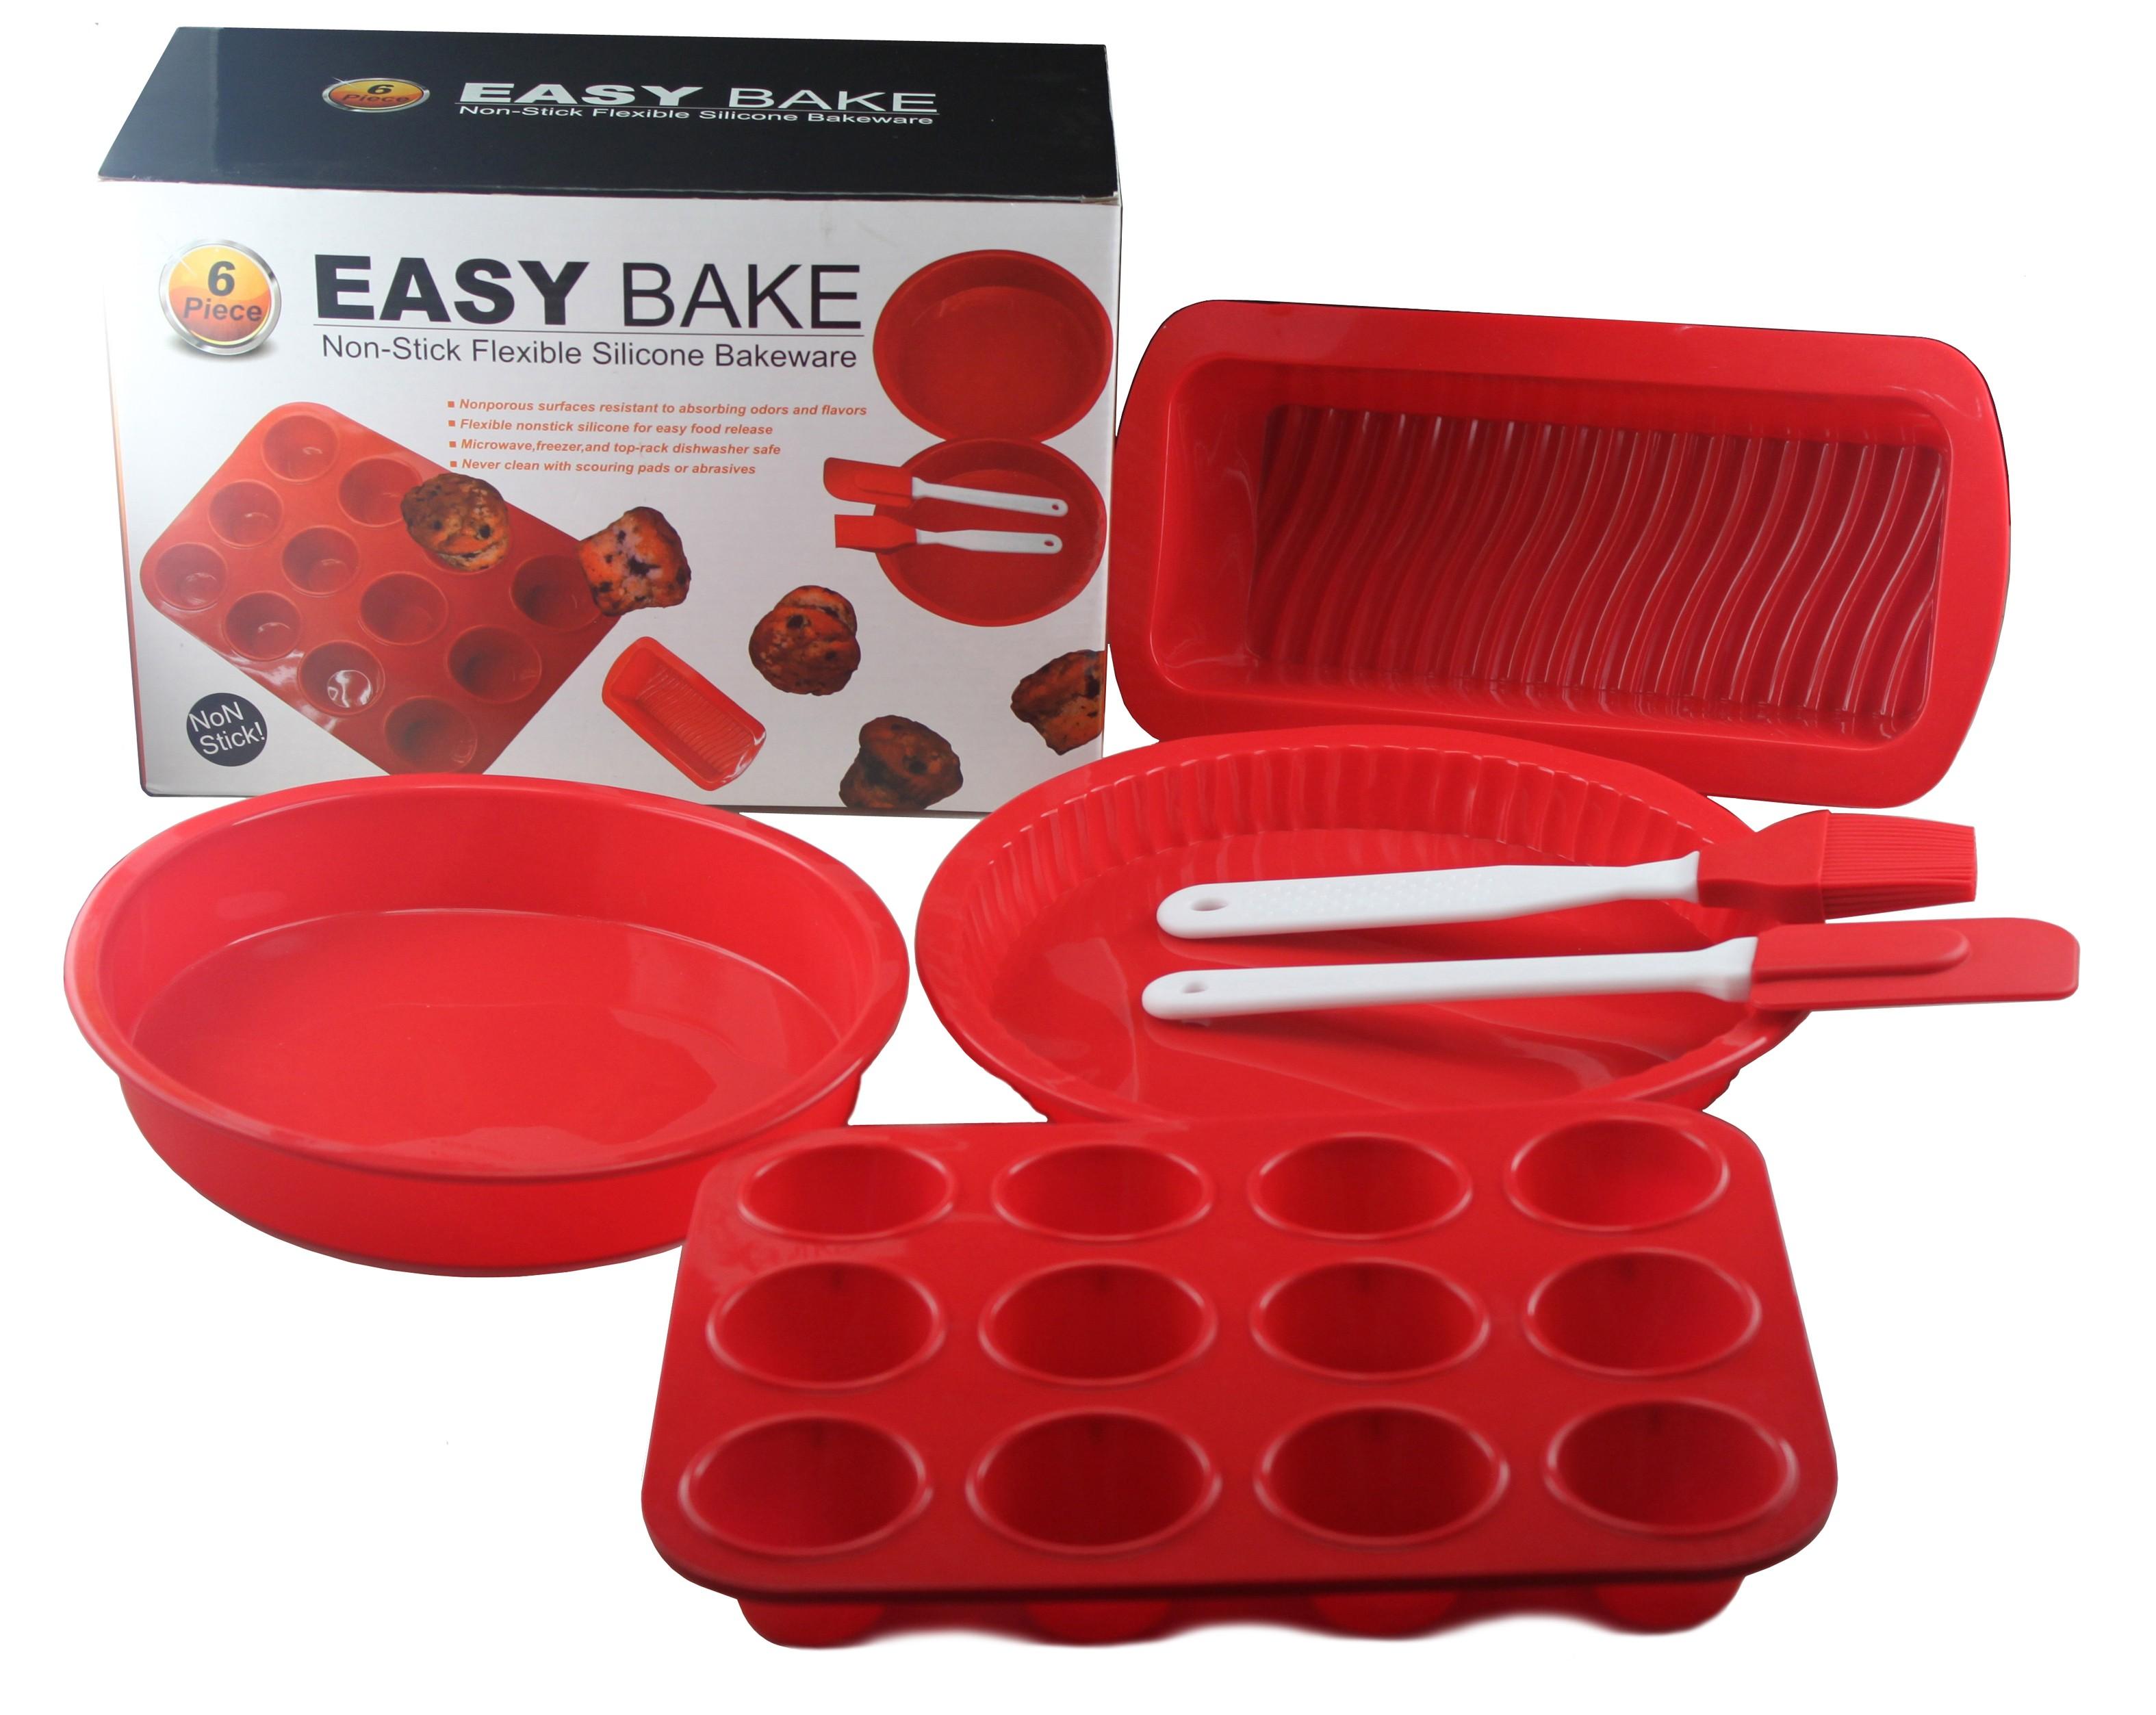 Juego de 6 moldes de silicona / Easy Bake